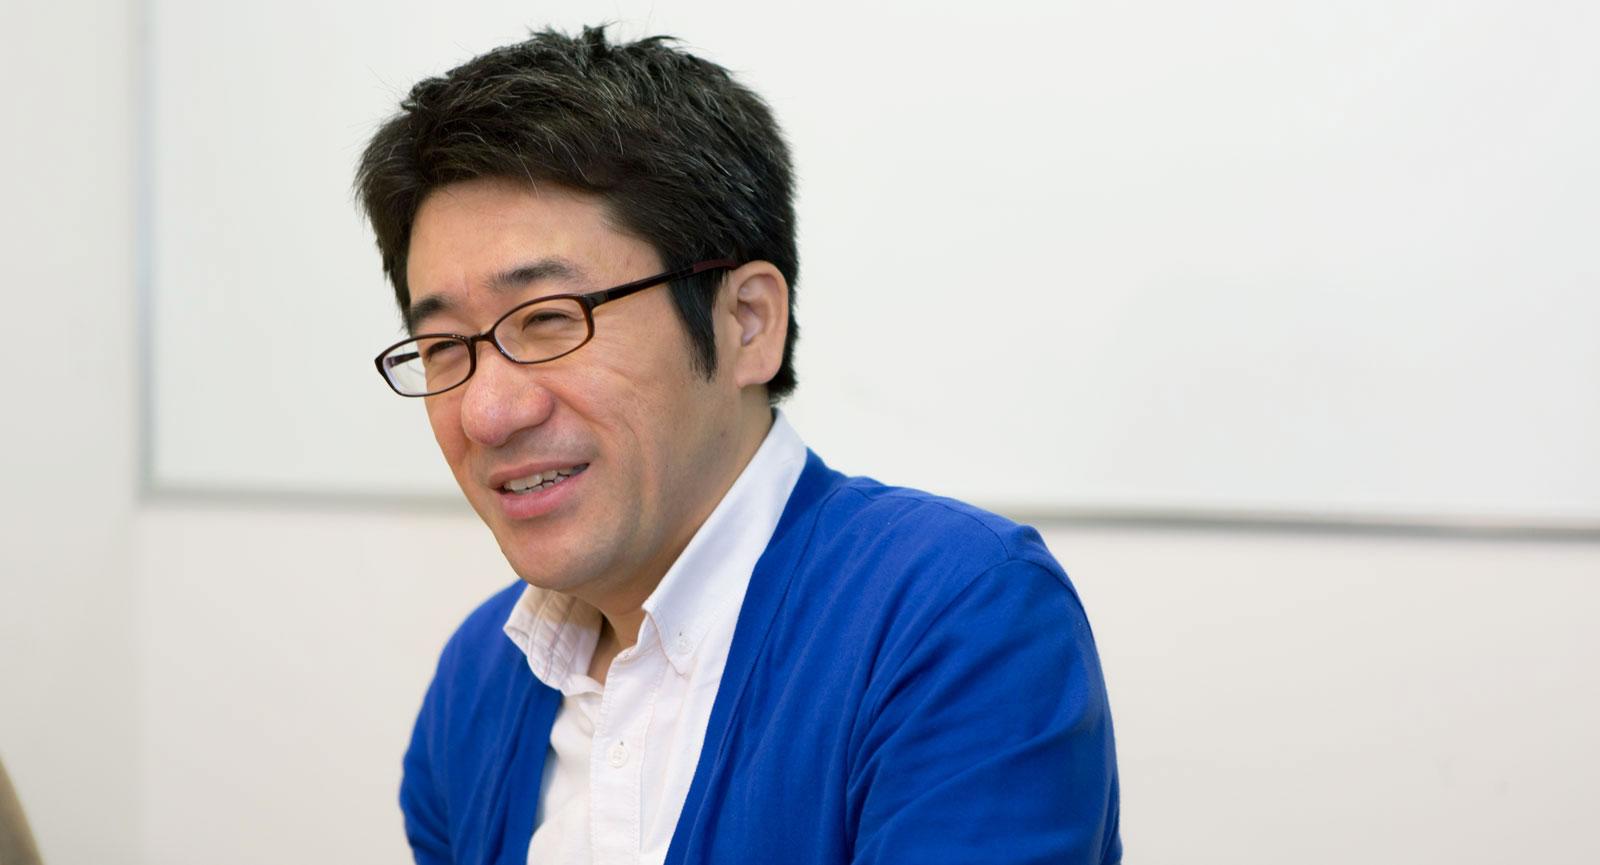 インタラクティブソリューション本部 本部長/チーフプロデューサー 香田 史生さん